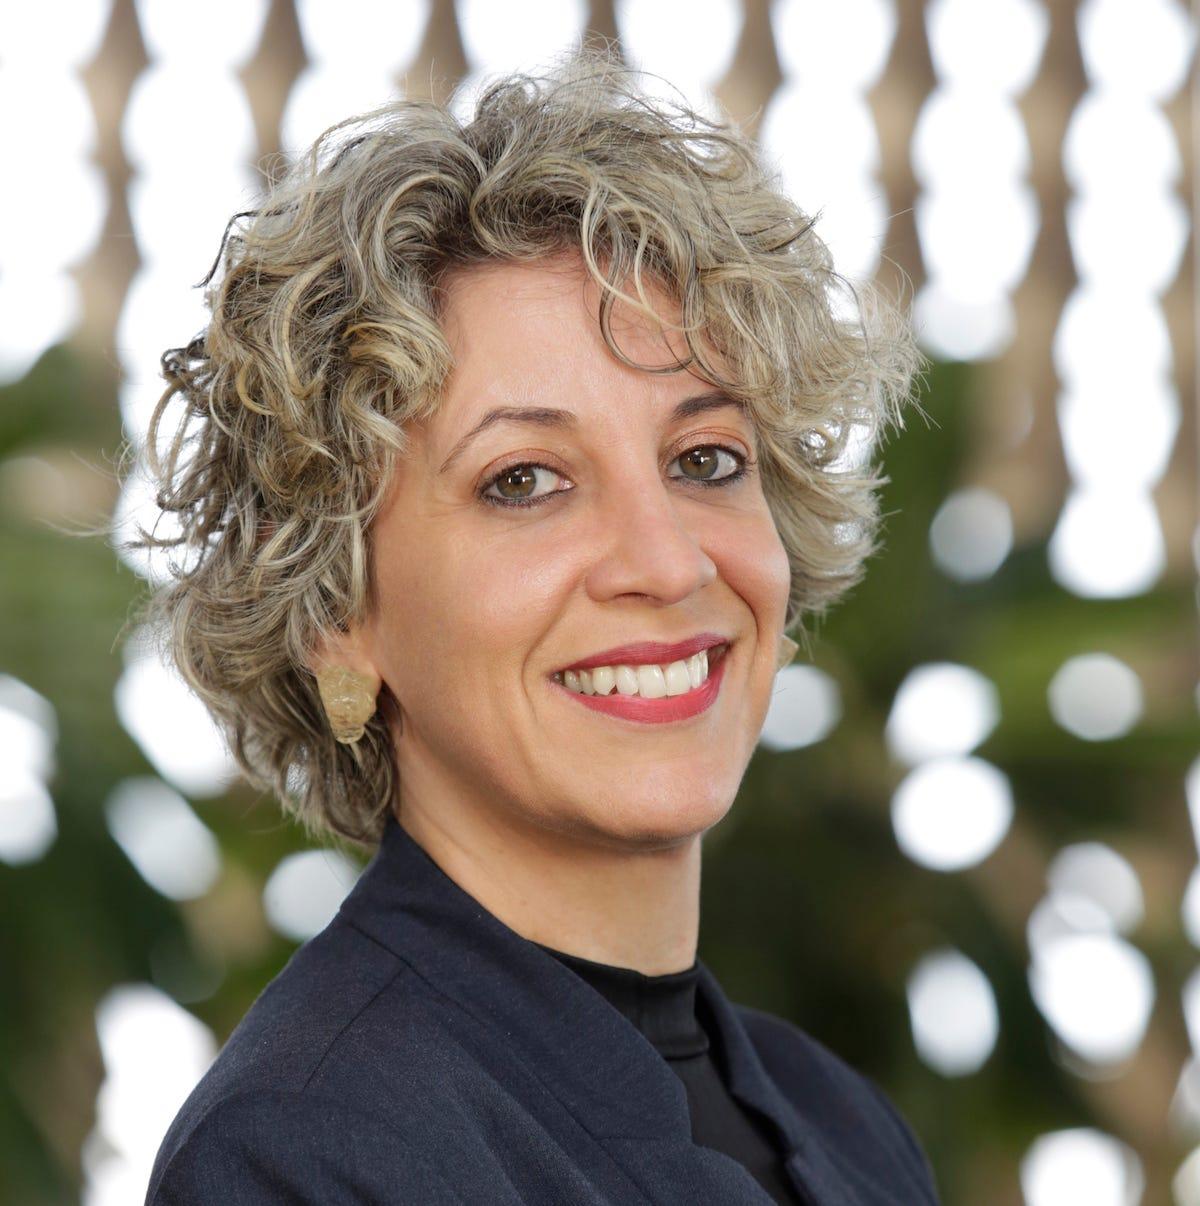 Foto de mulher loira com cabelo curto olhando para a câmera.